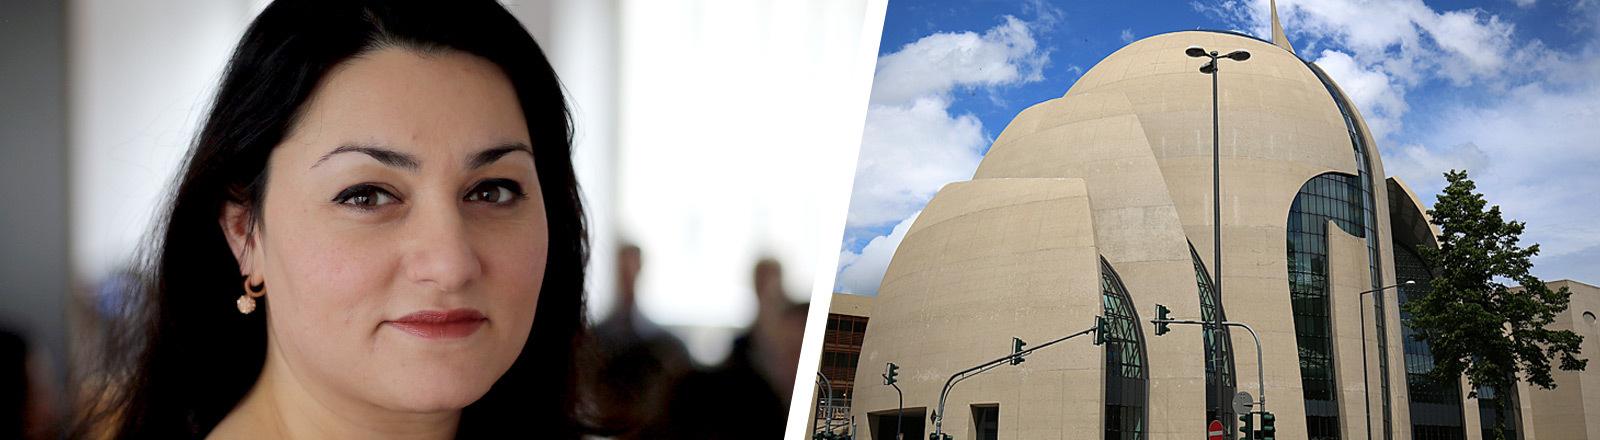 Collage: Islamwissenschaftlerin Lamya Kaddor und die Ditib-Zentralmoschee in Köln.